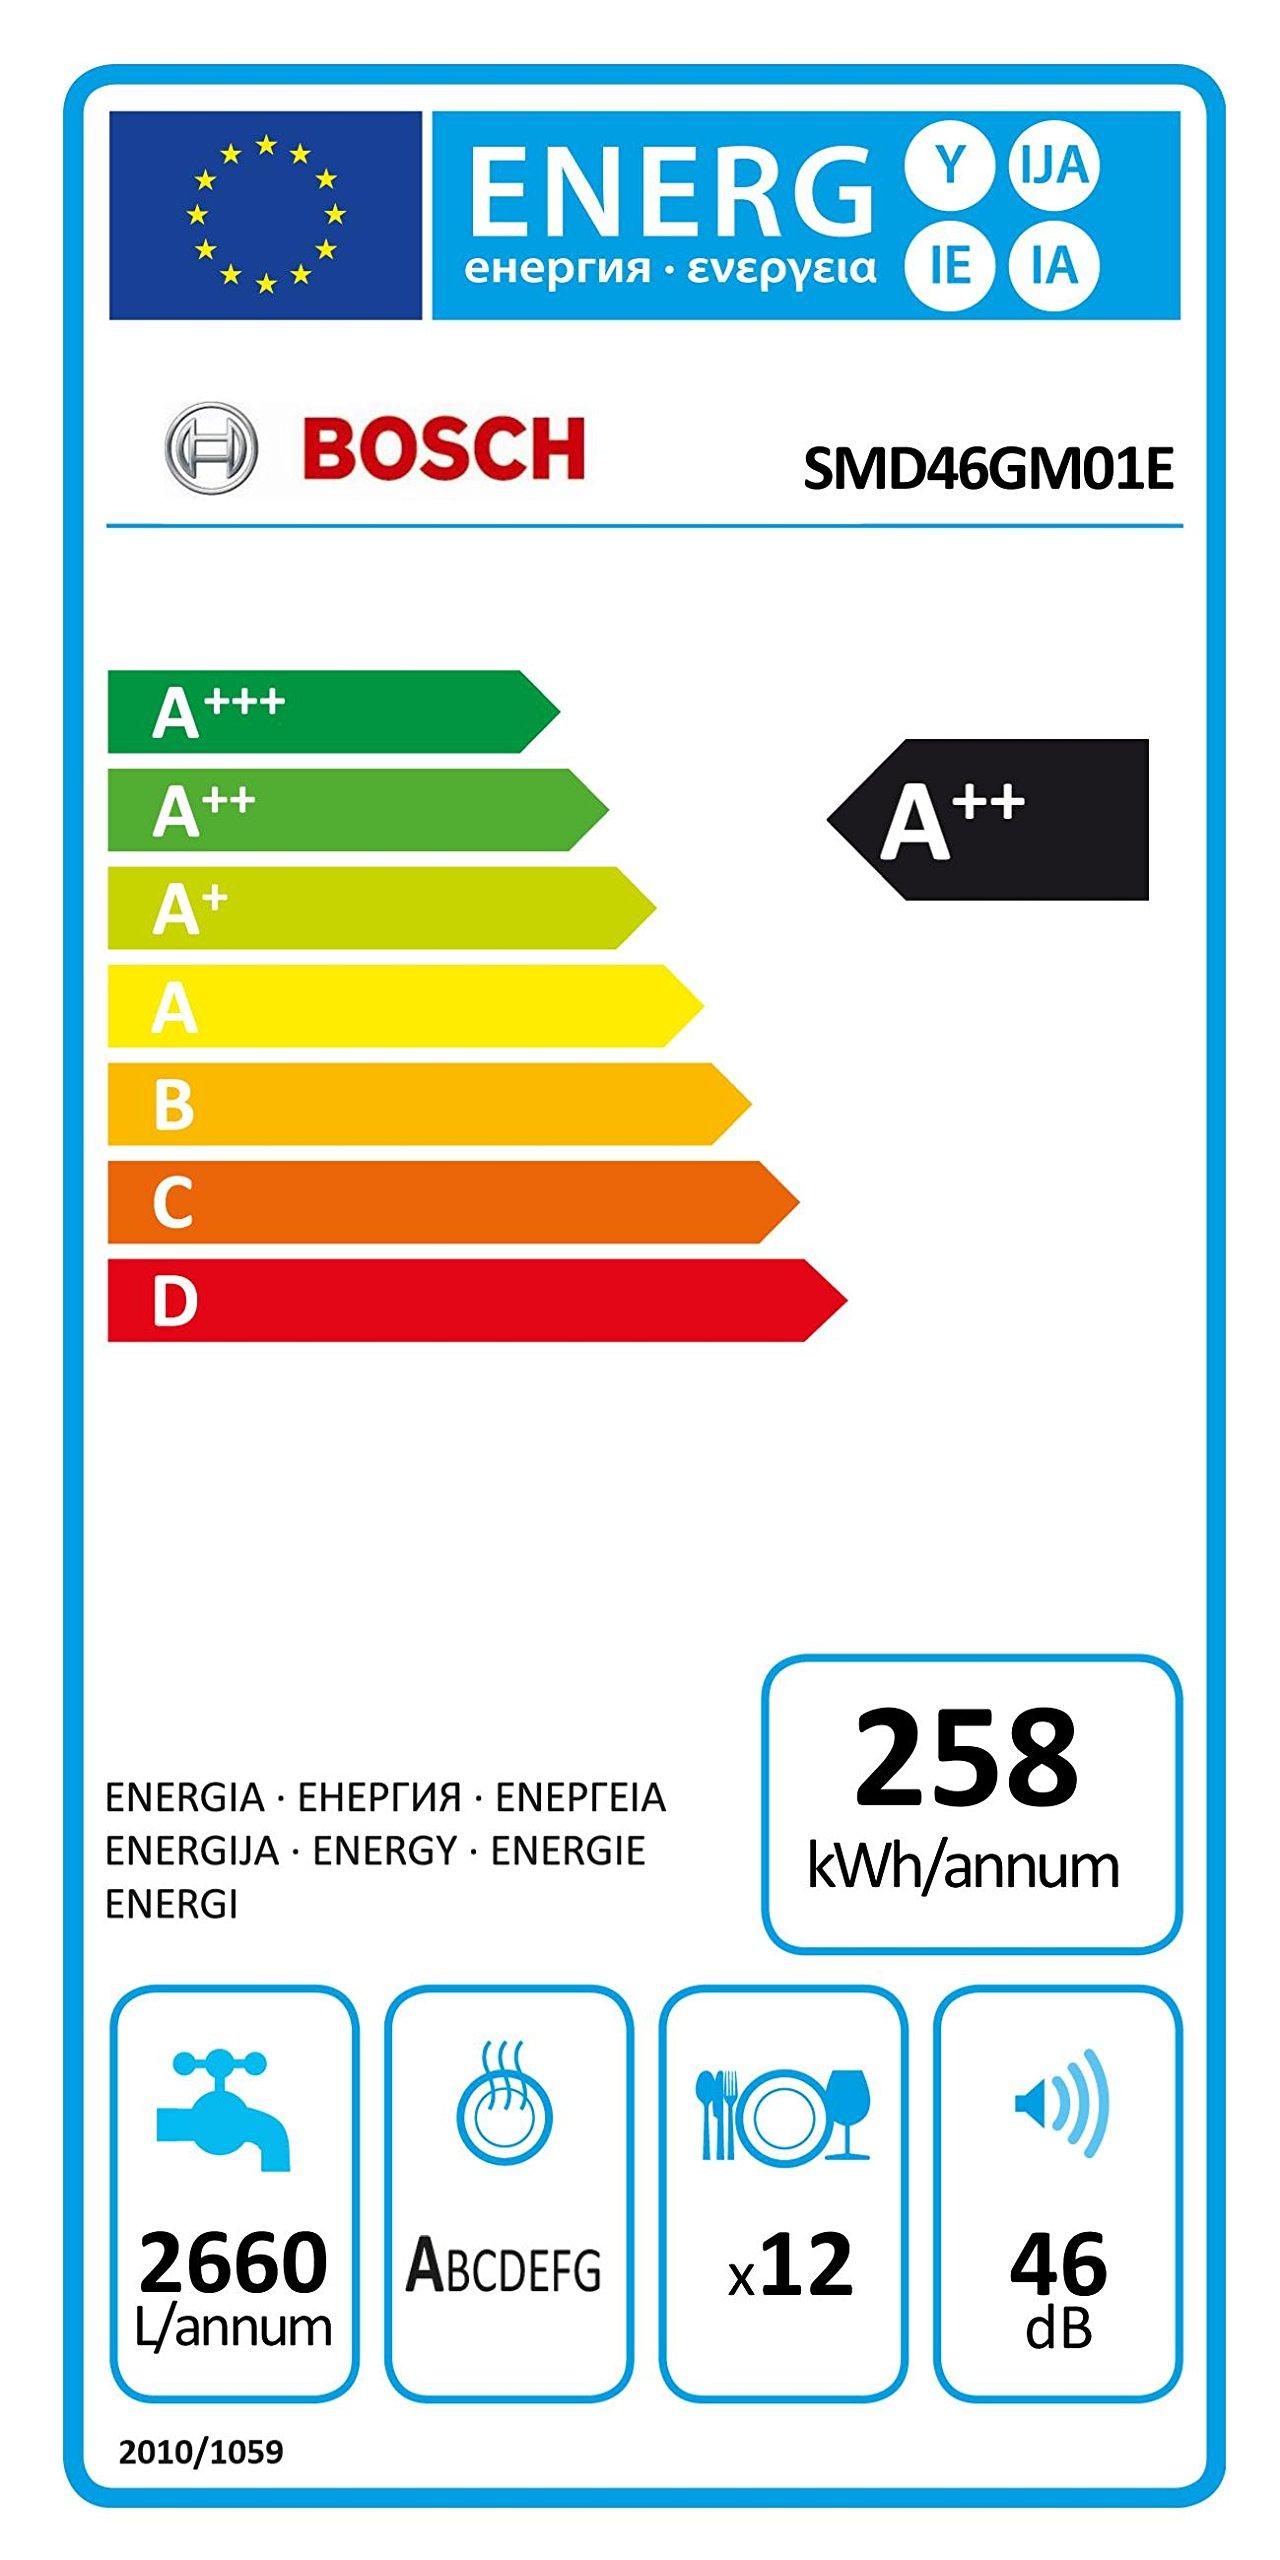 Bosch Serie 4 Geschirrspüler 1.7 / A++ / 258 kWh/Jahr / 2660 L/jahr